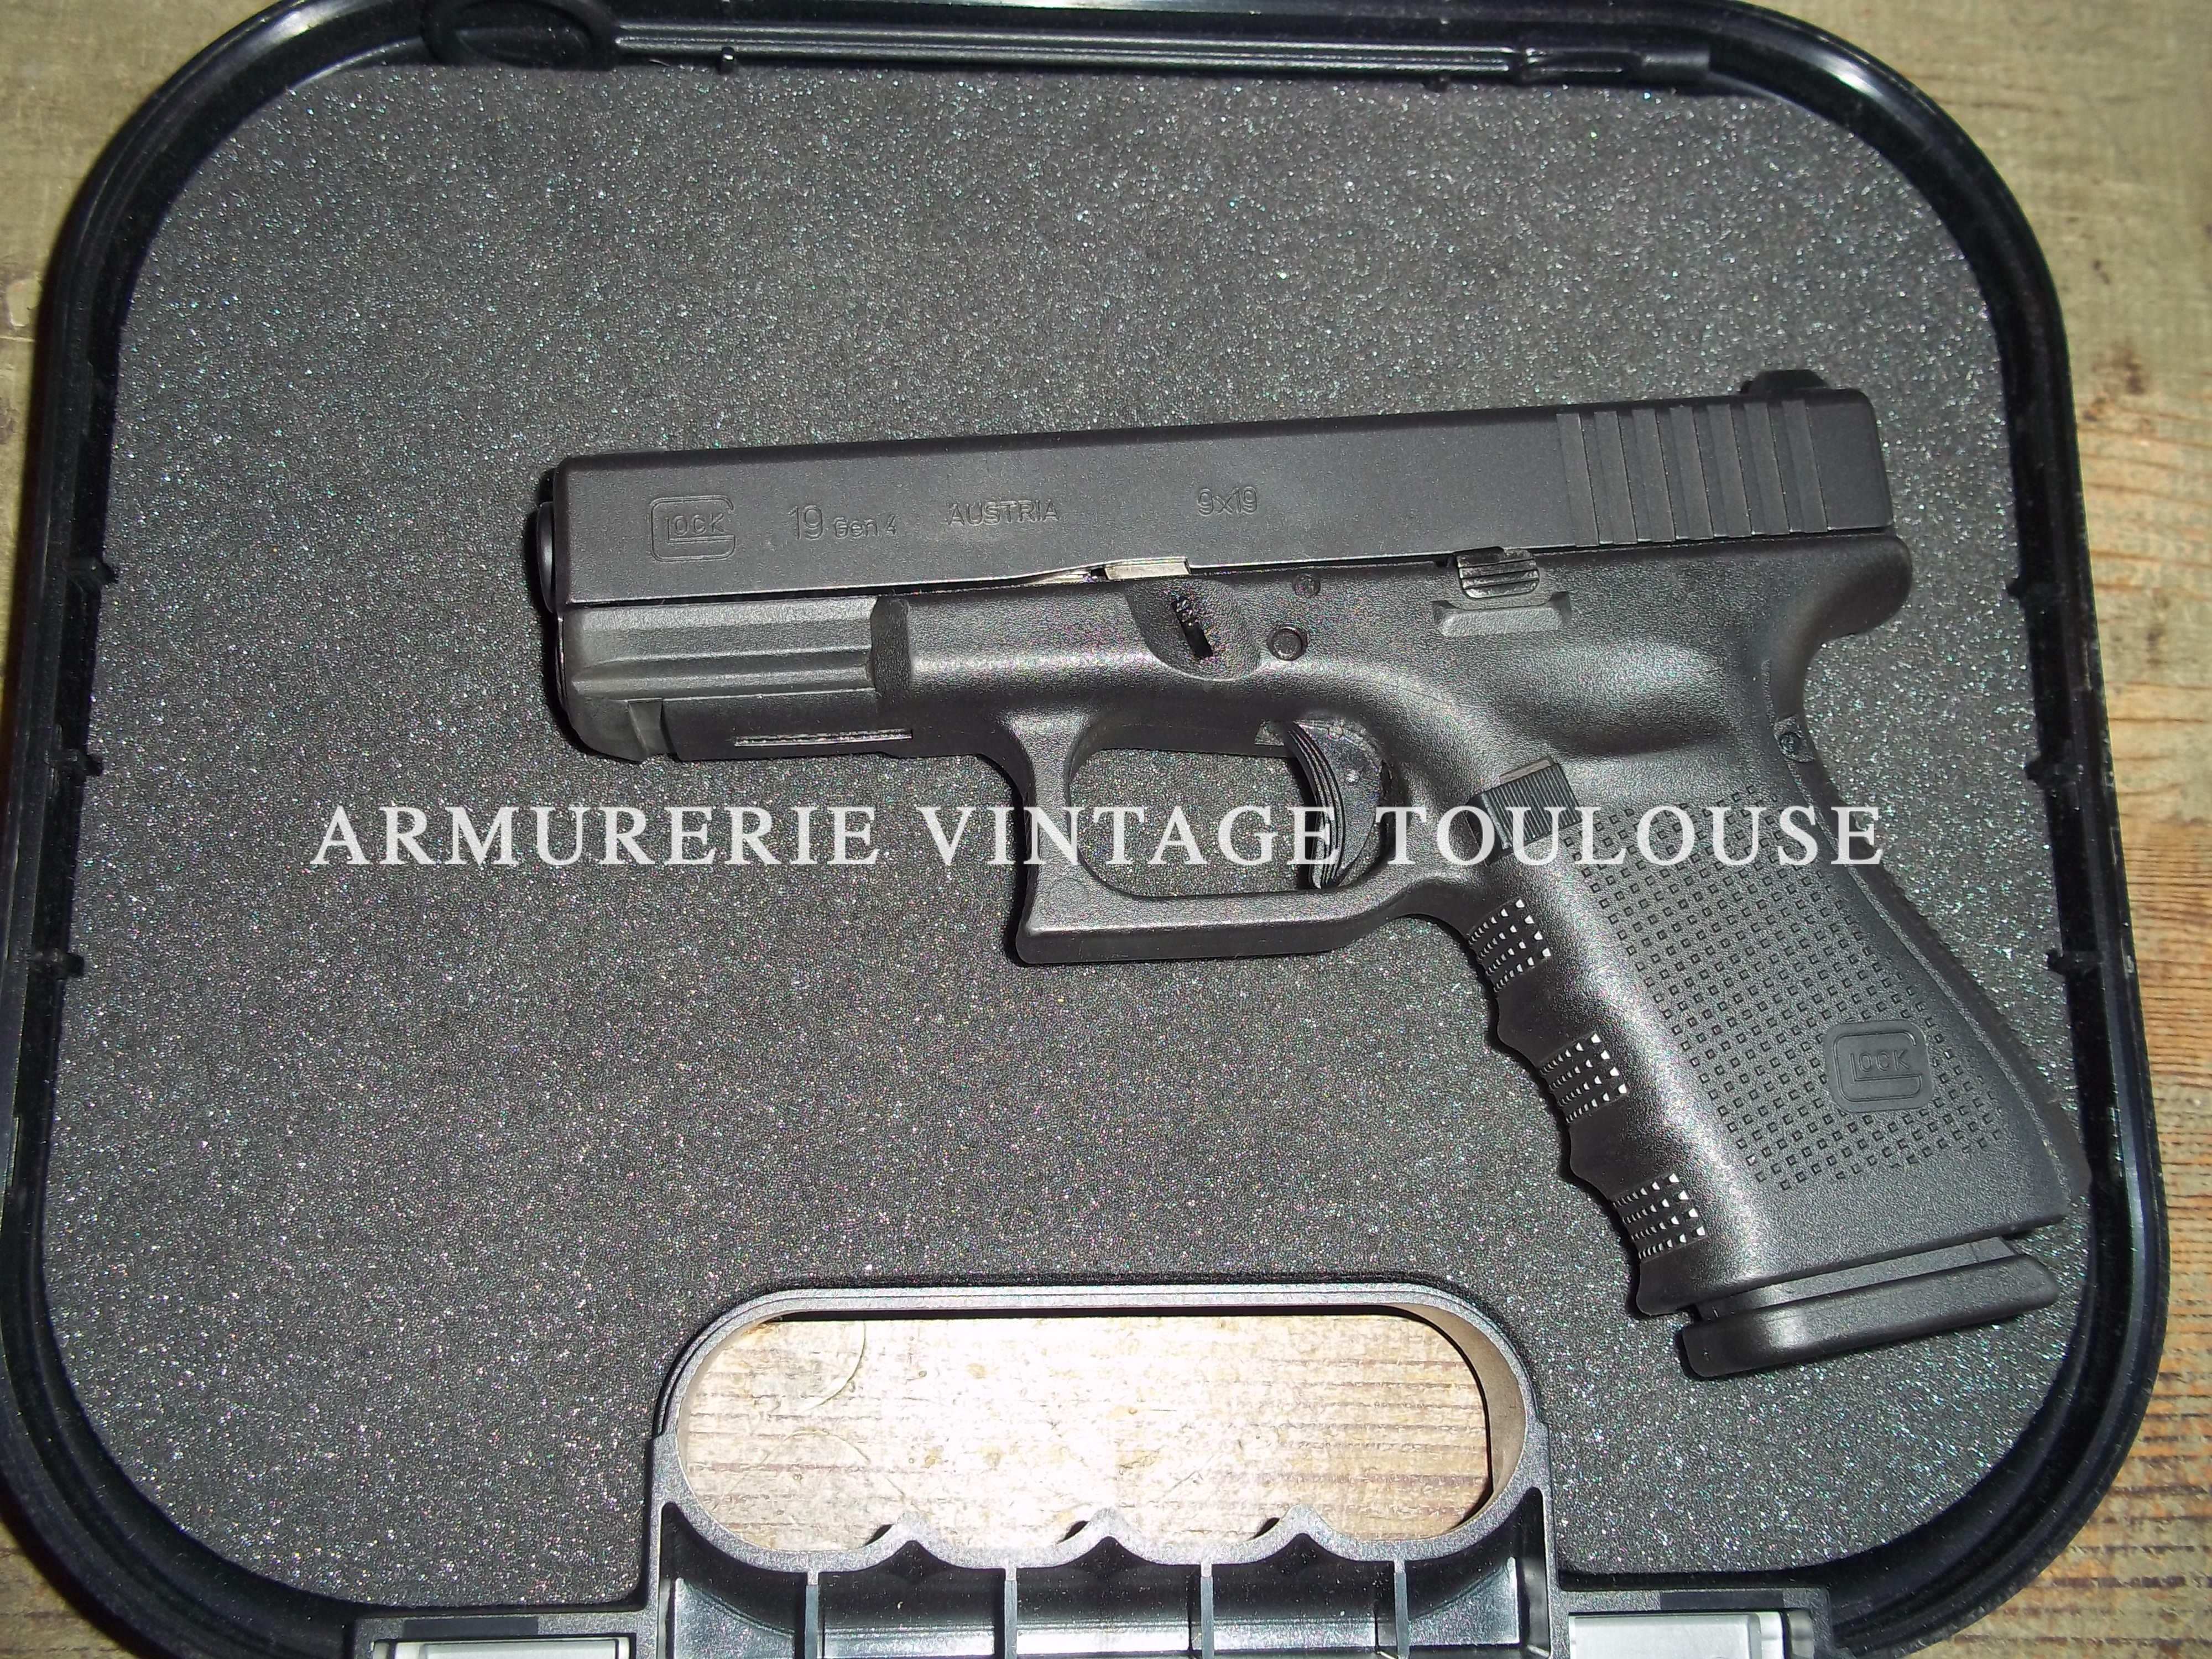 Pistolet Glock 19 Gen 4 calibre 9X19